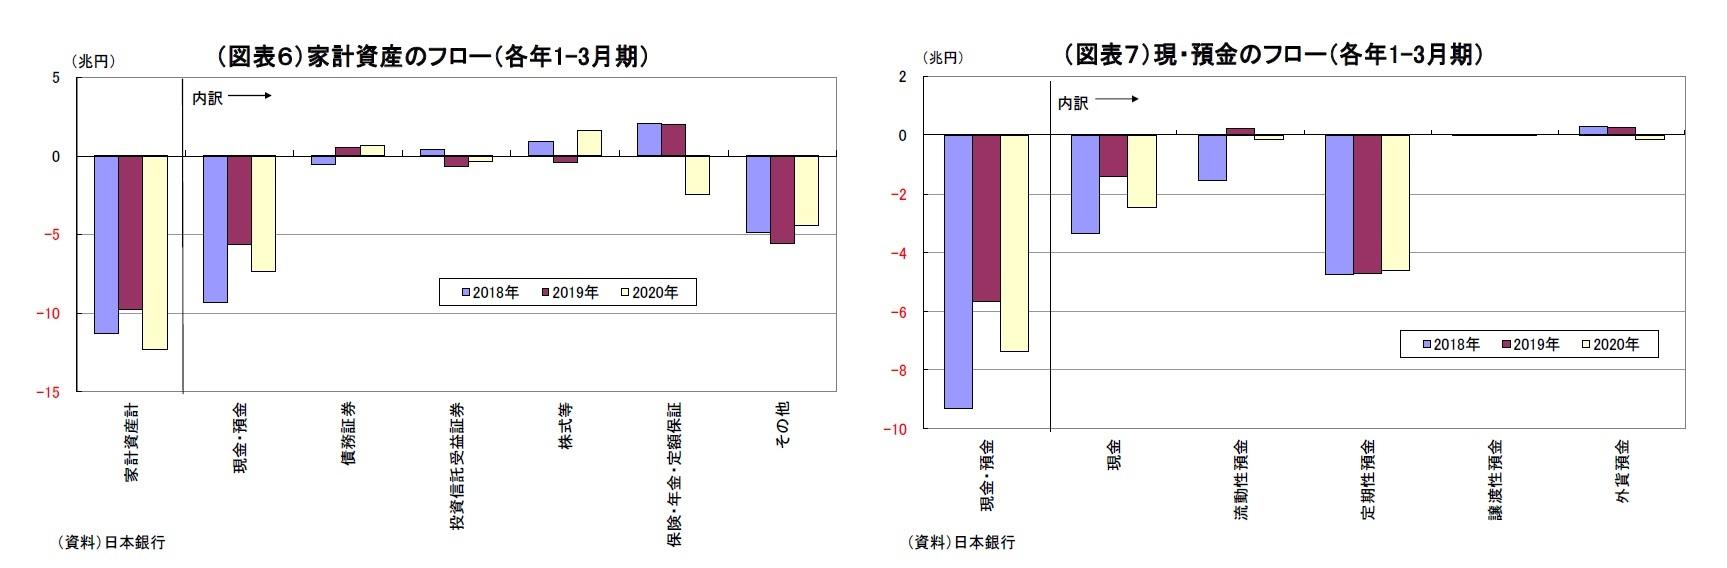 (図表6)家計資産のフロー(各年1-3月期)/(図表7)現・預金のフロー(各年1-3月期)